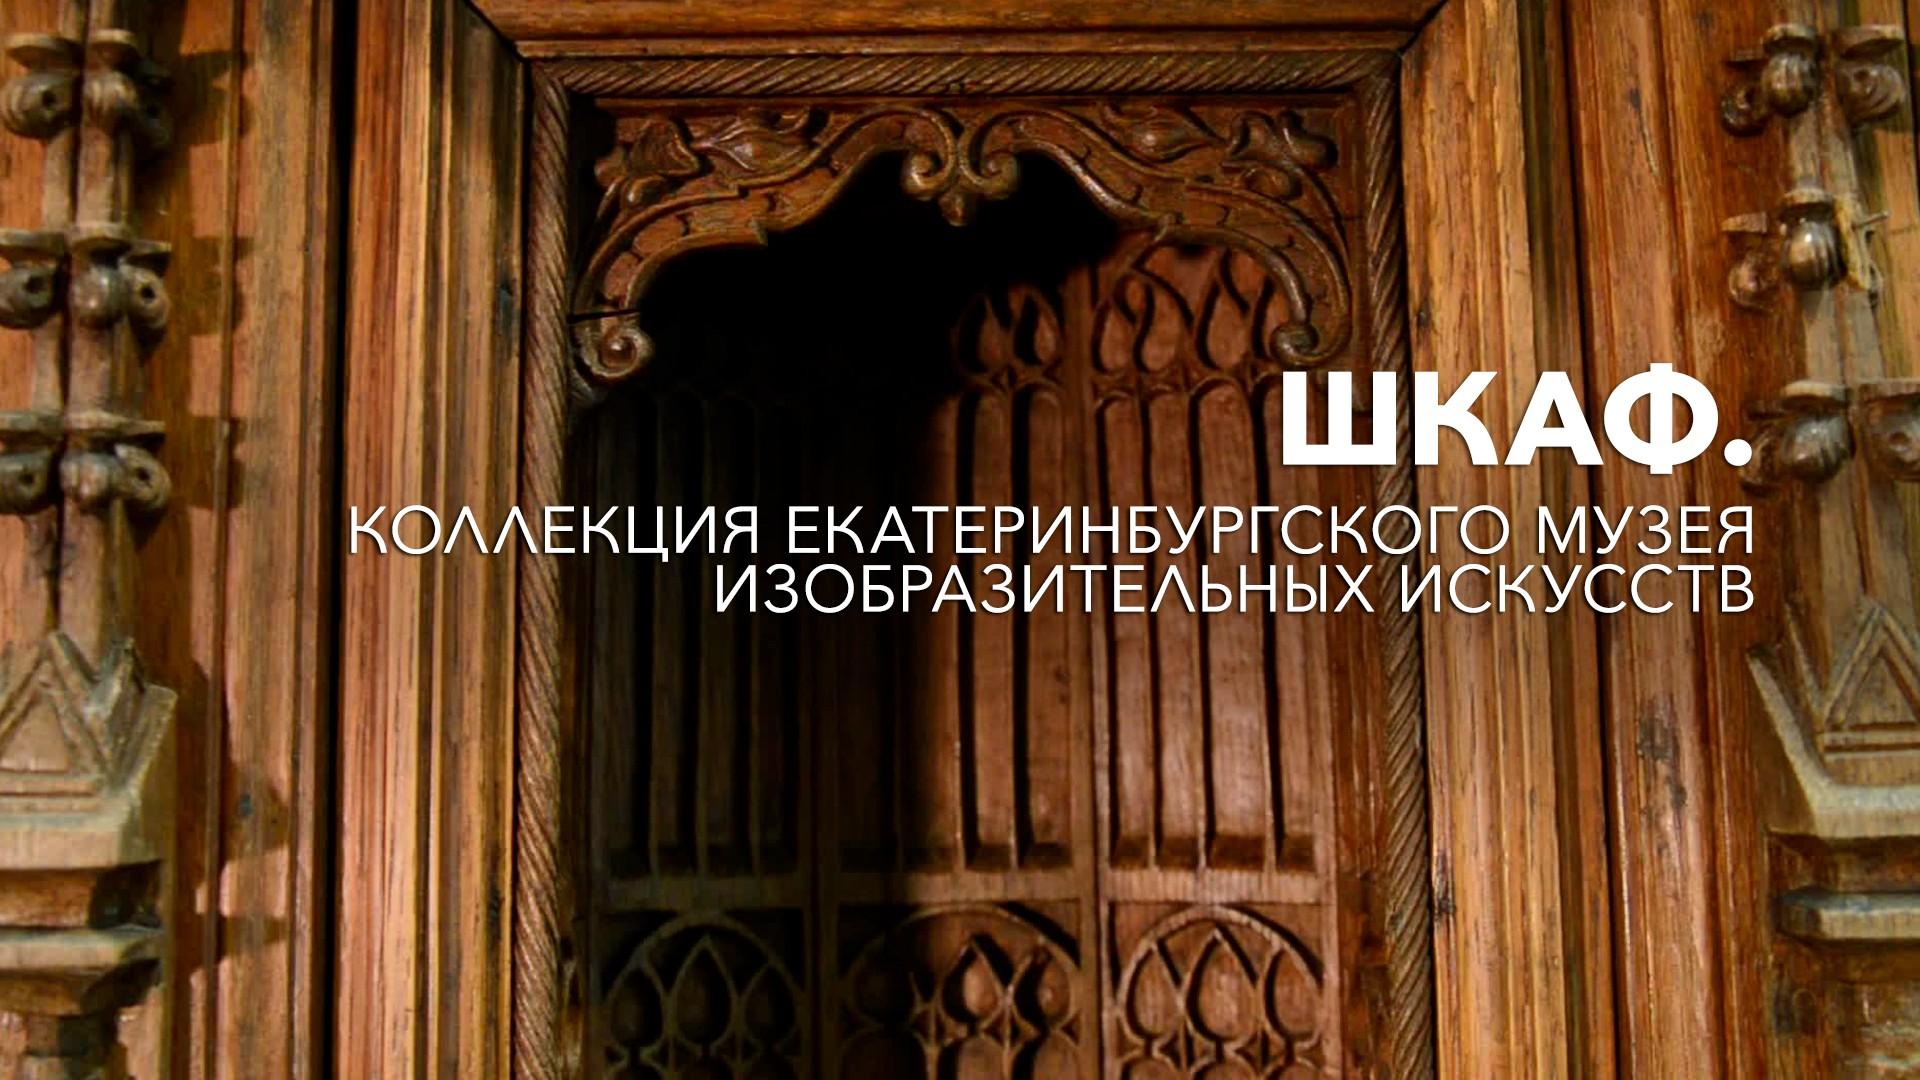 Шкаф. Коллекция Екатеринбургского музея изобразительных искусств